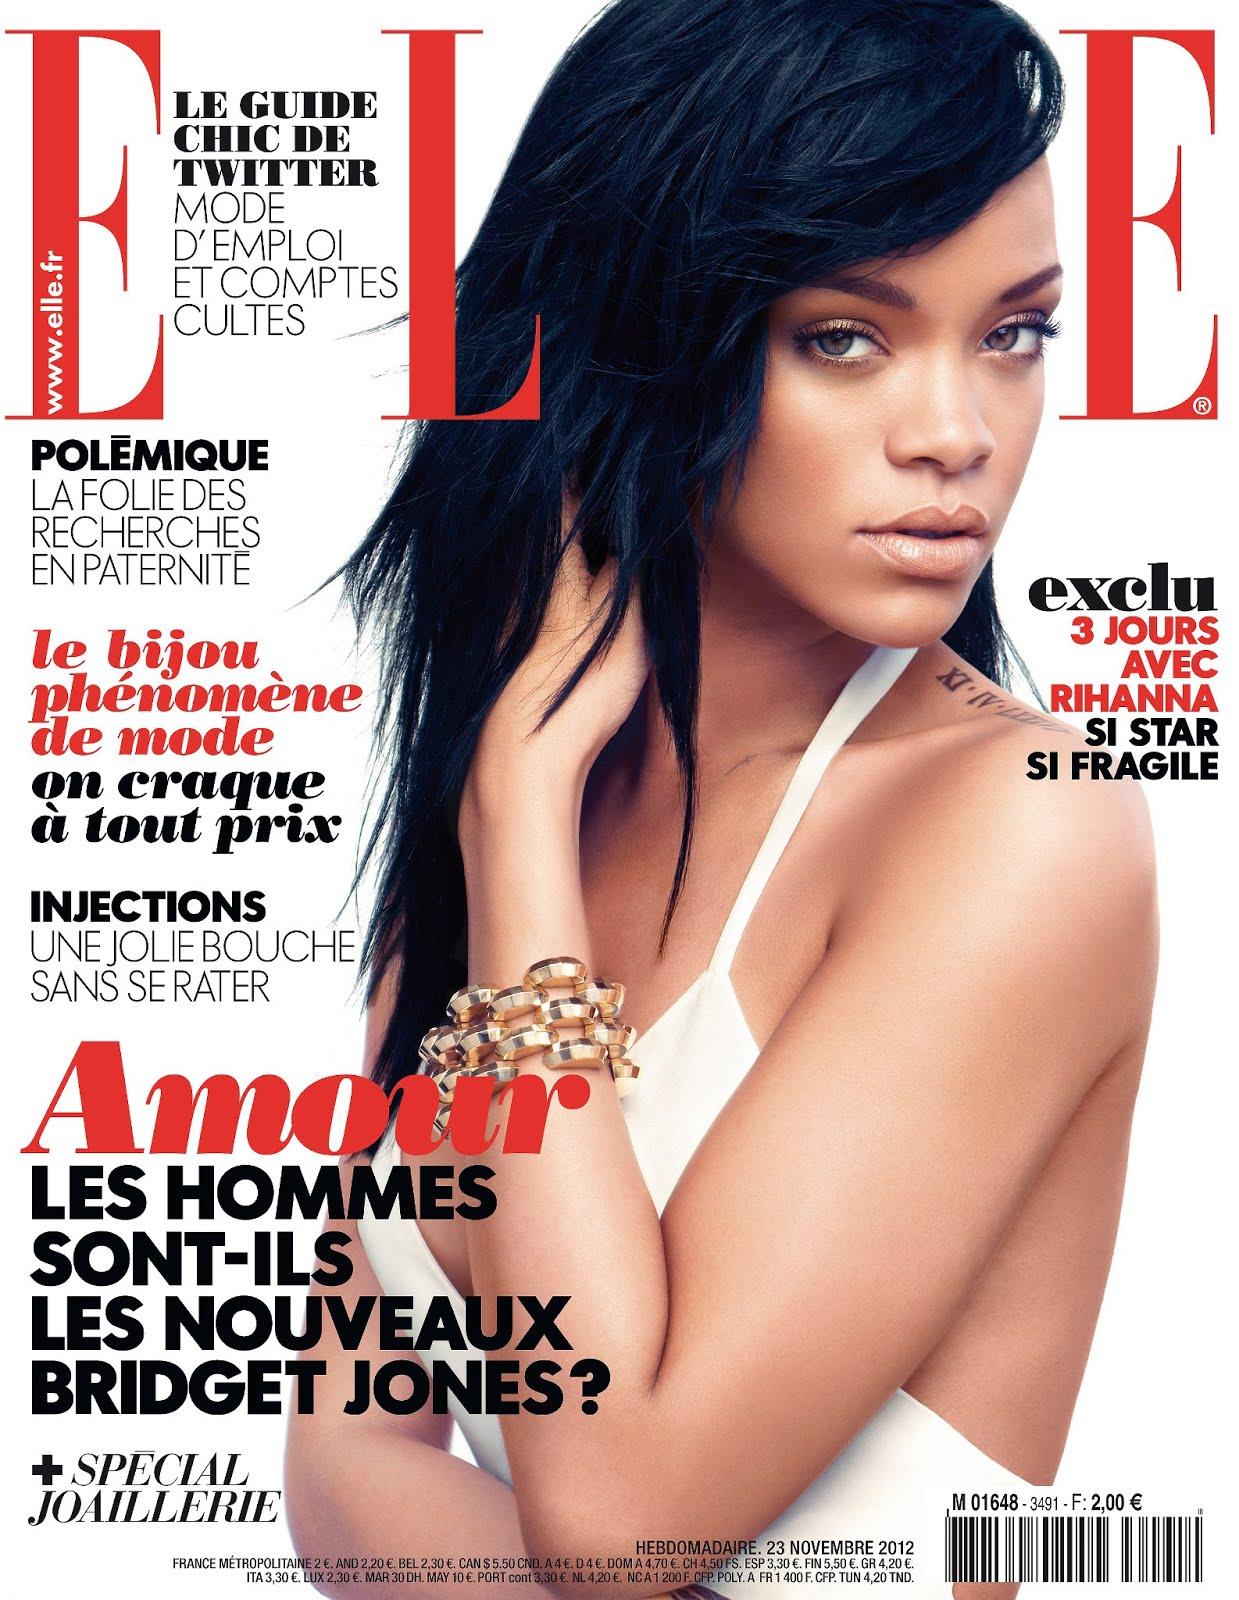 http://2.bp.blogspot.com/-GWNIdBSmpj4/UMKolU6YBsI/AAAAAAAA2kA/e_Y-9oc5hGE/s1600/Elle-France-23-November-2012-Rihanna-Cover.jpg